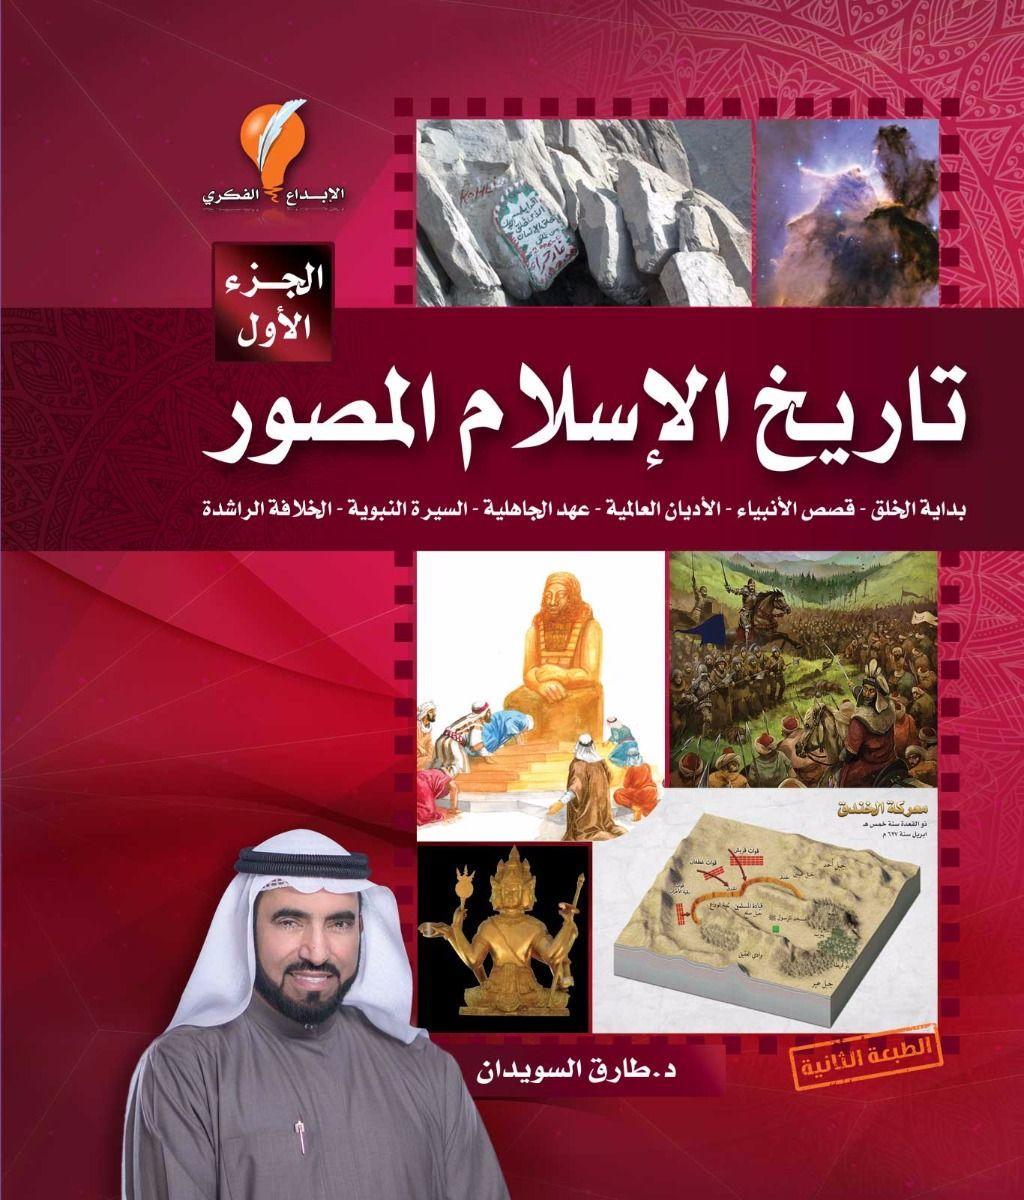 الدكتور طارق السويدان – الموقع الرسمي - تاريخ الإسلام المصور – الجزء الأول